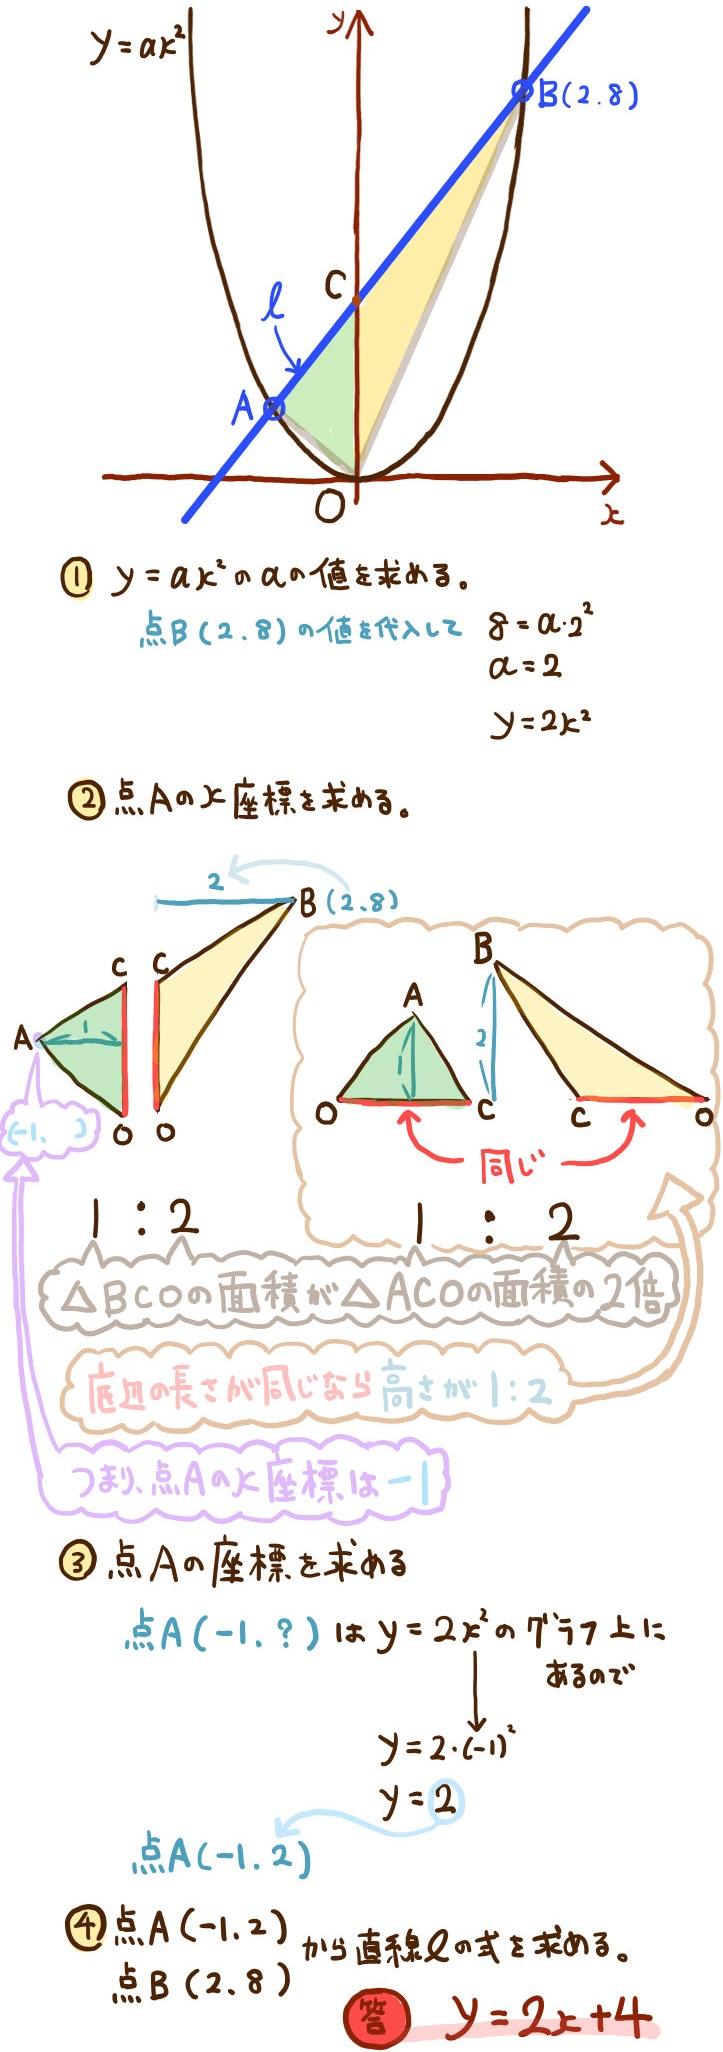 二次関数のグラフと直線の方程式の問題の解説